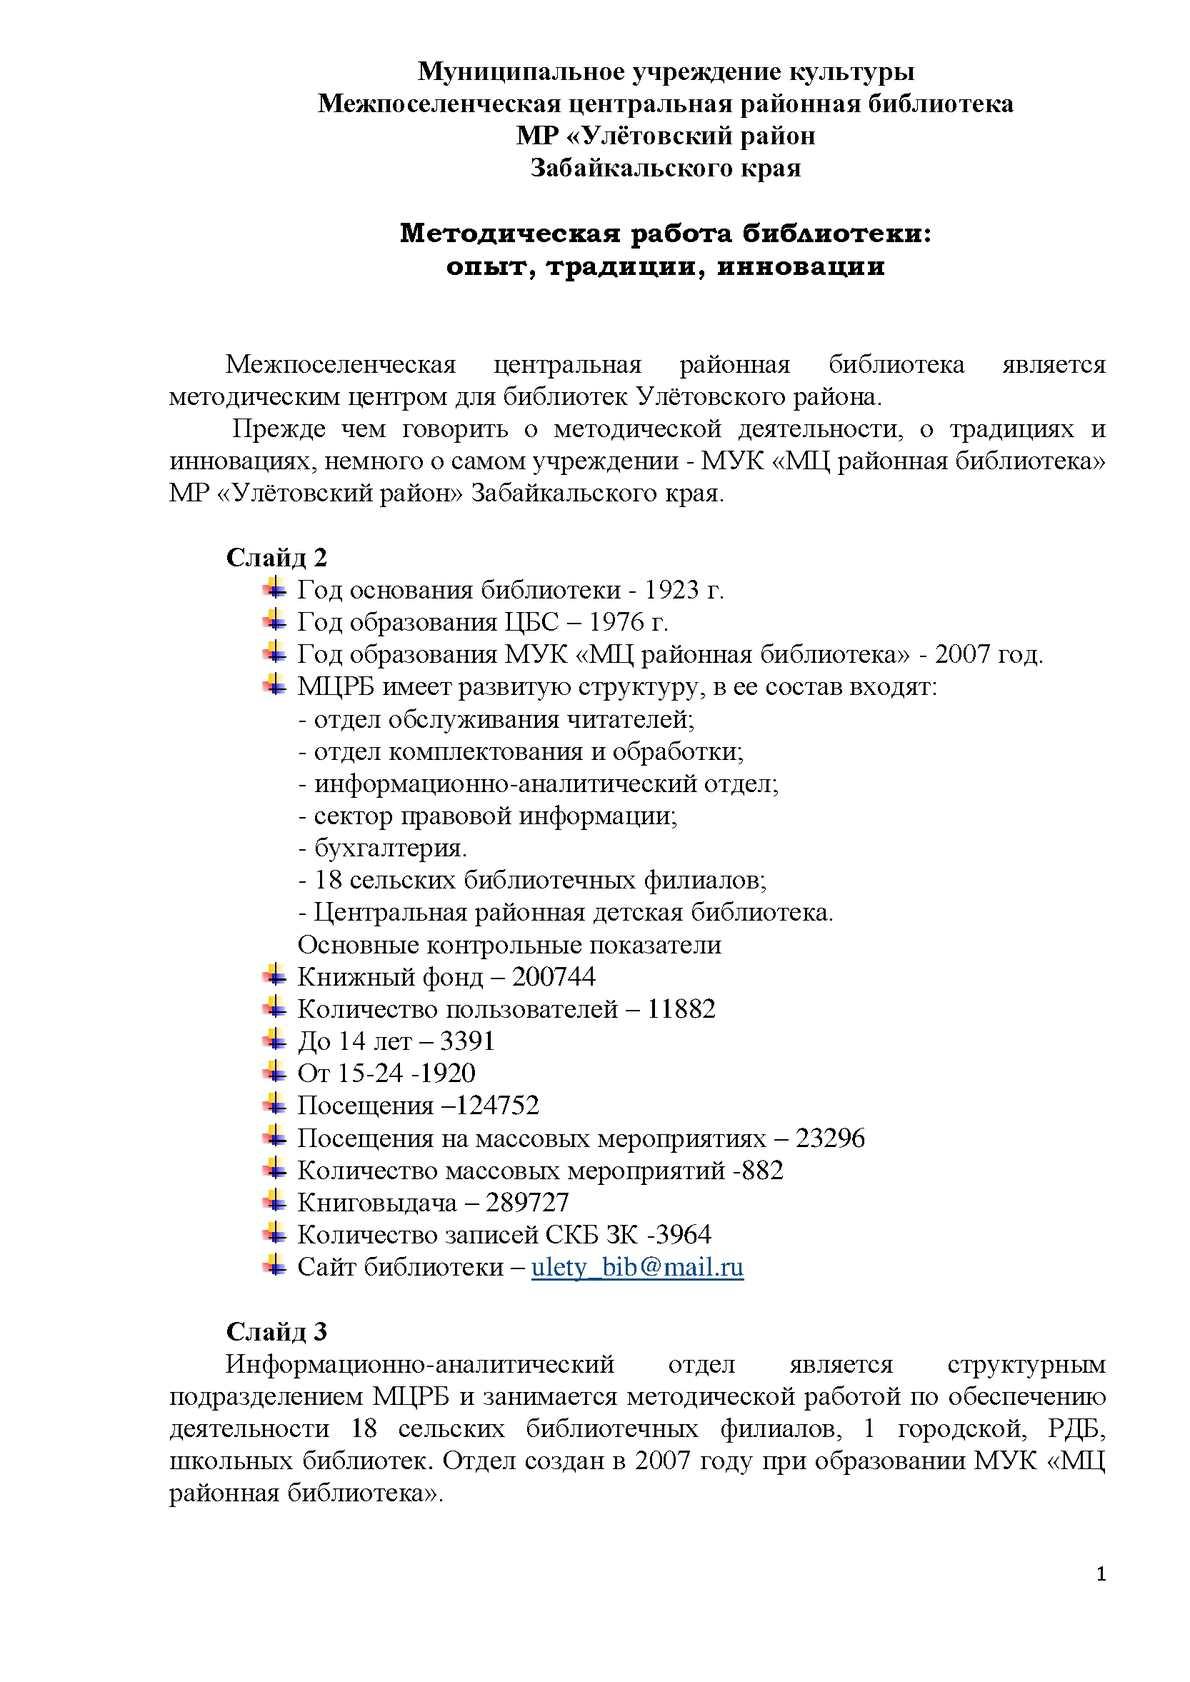 Информационно аналитический отдел реферат 3129